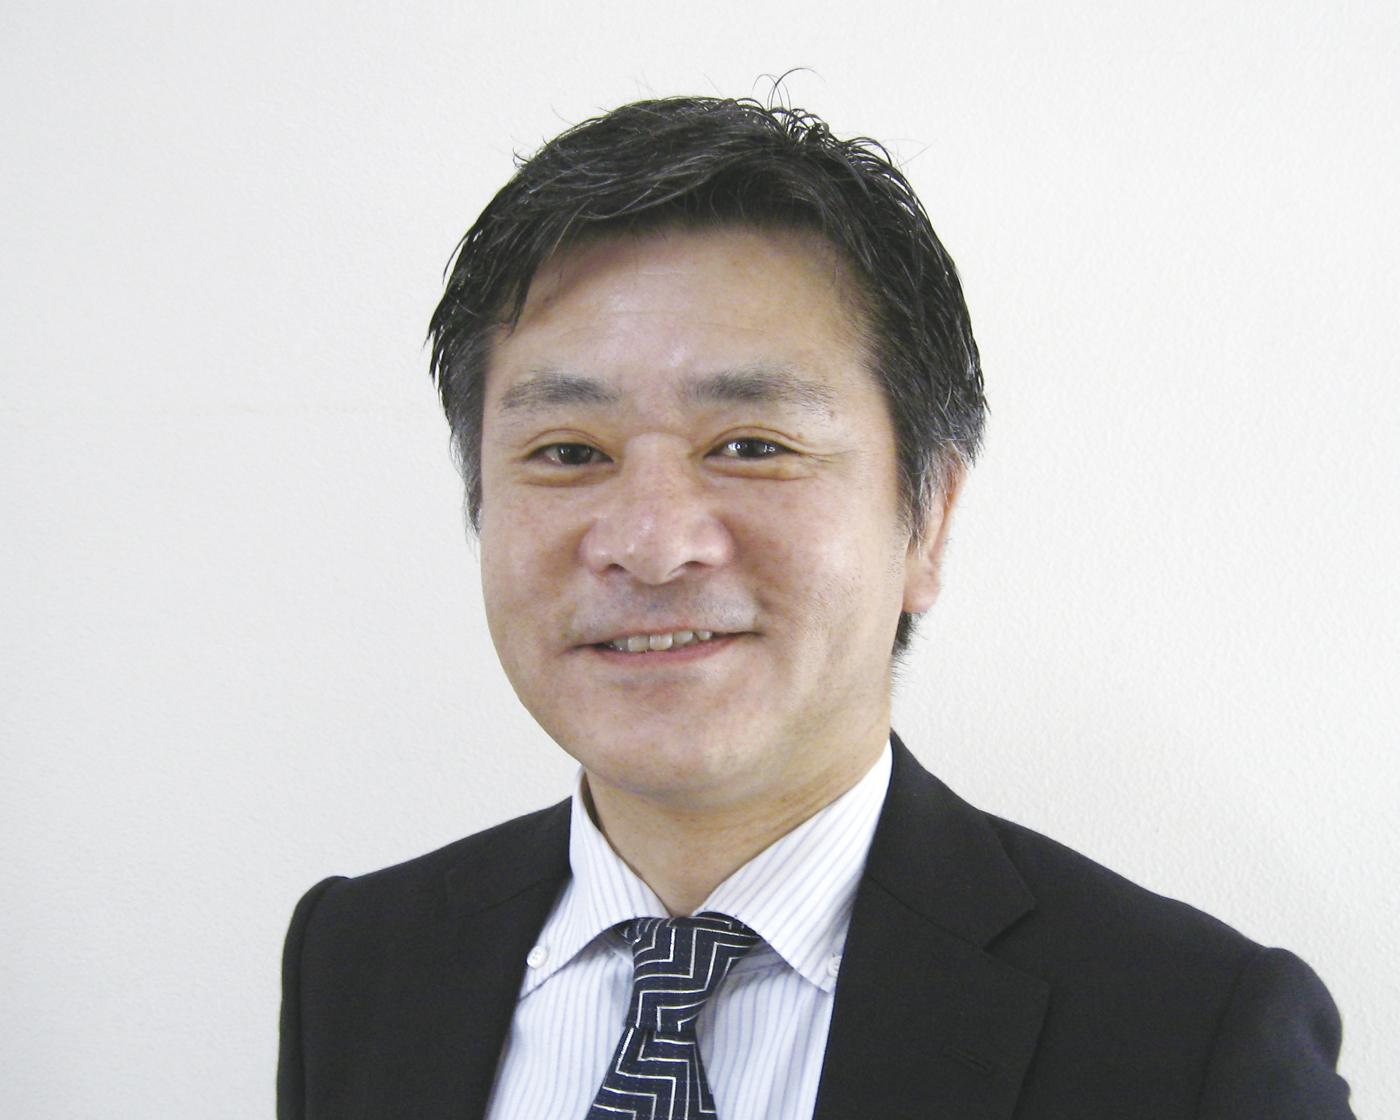 代表取締役社長 田畑 隆一郎